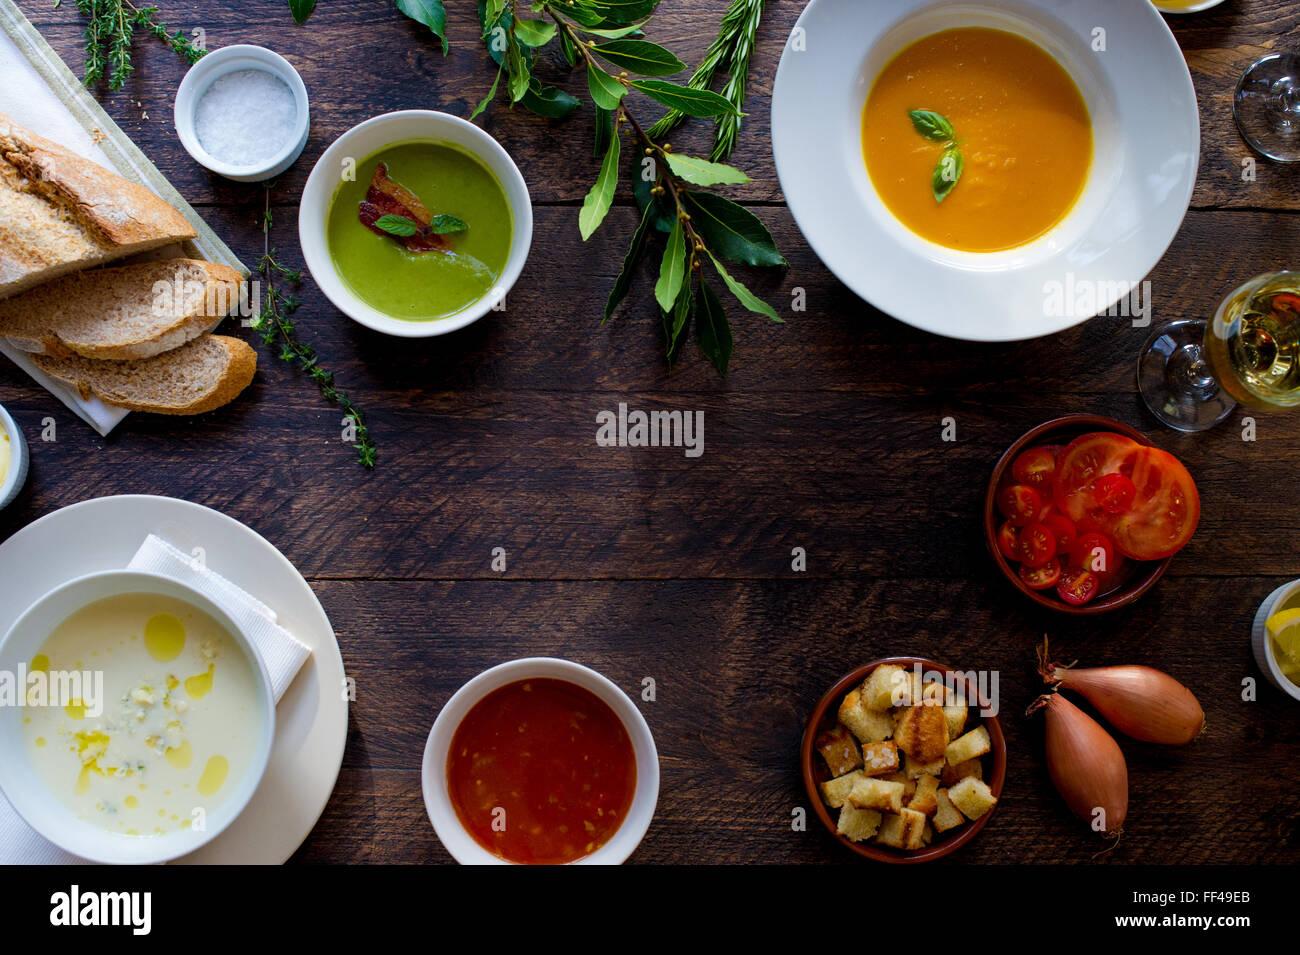 Mesa comida desde arriba con espacio para copiar Imagen De Stock